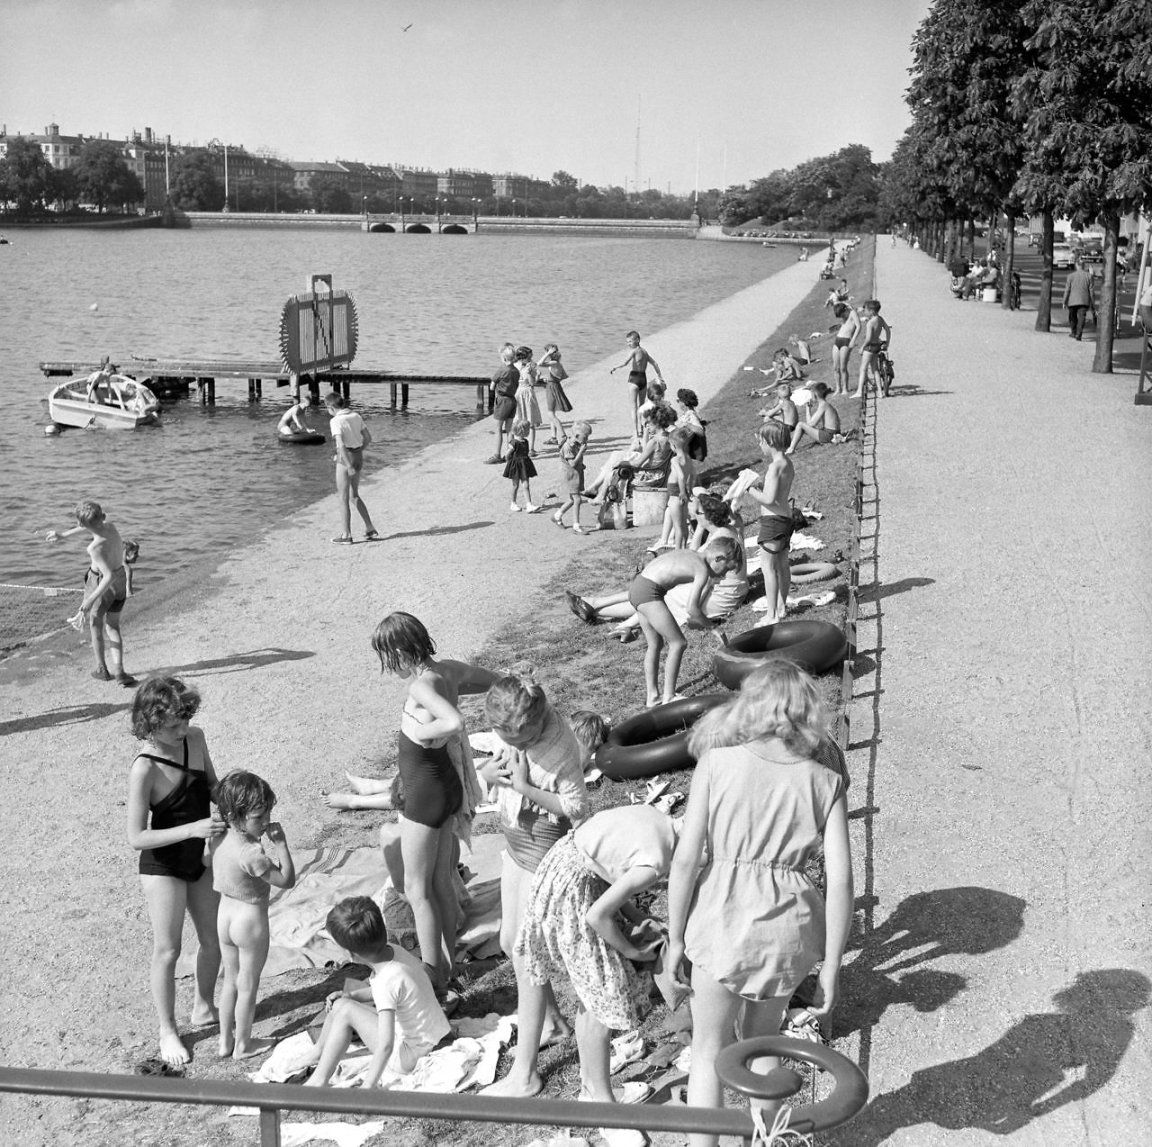 Herlige billeder: Sol og sommer i gamle dage i København - Byliv | www.aok.dk | Denmark ...